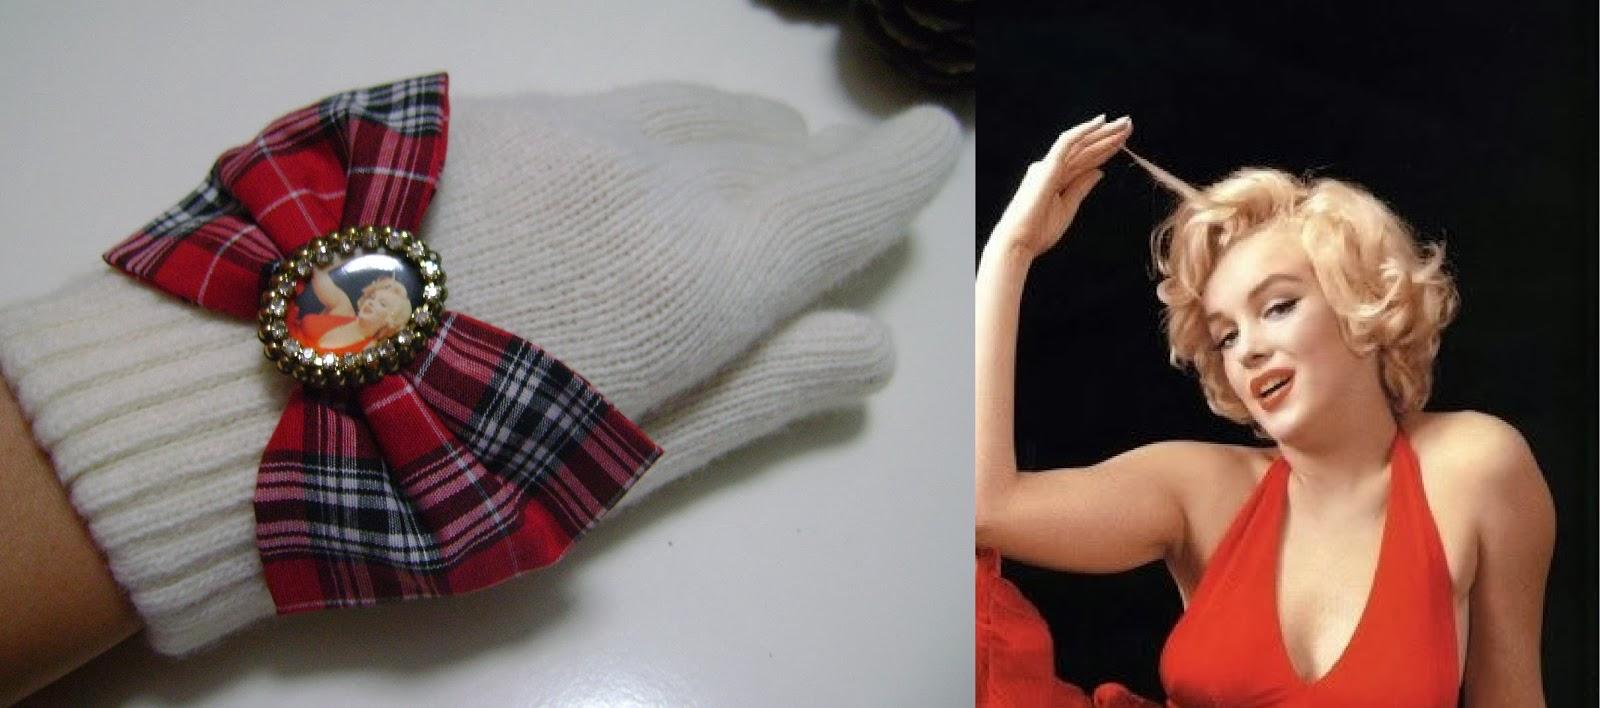 Marilyn Monroe kırmızı ekose fiyonk krem eldiven